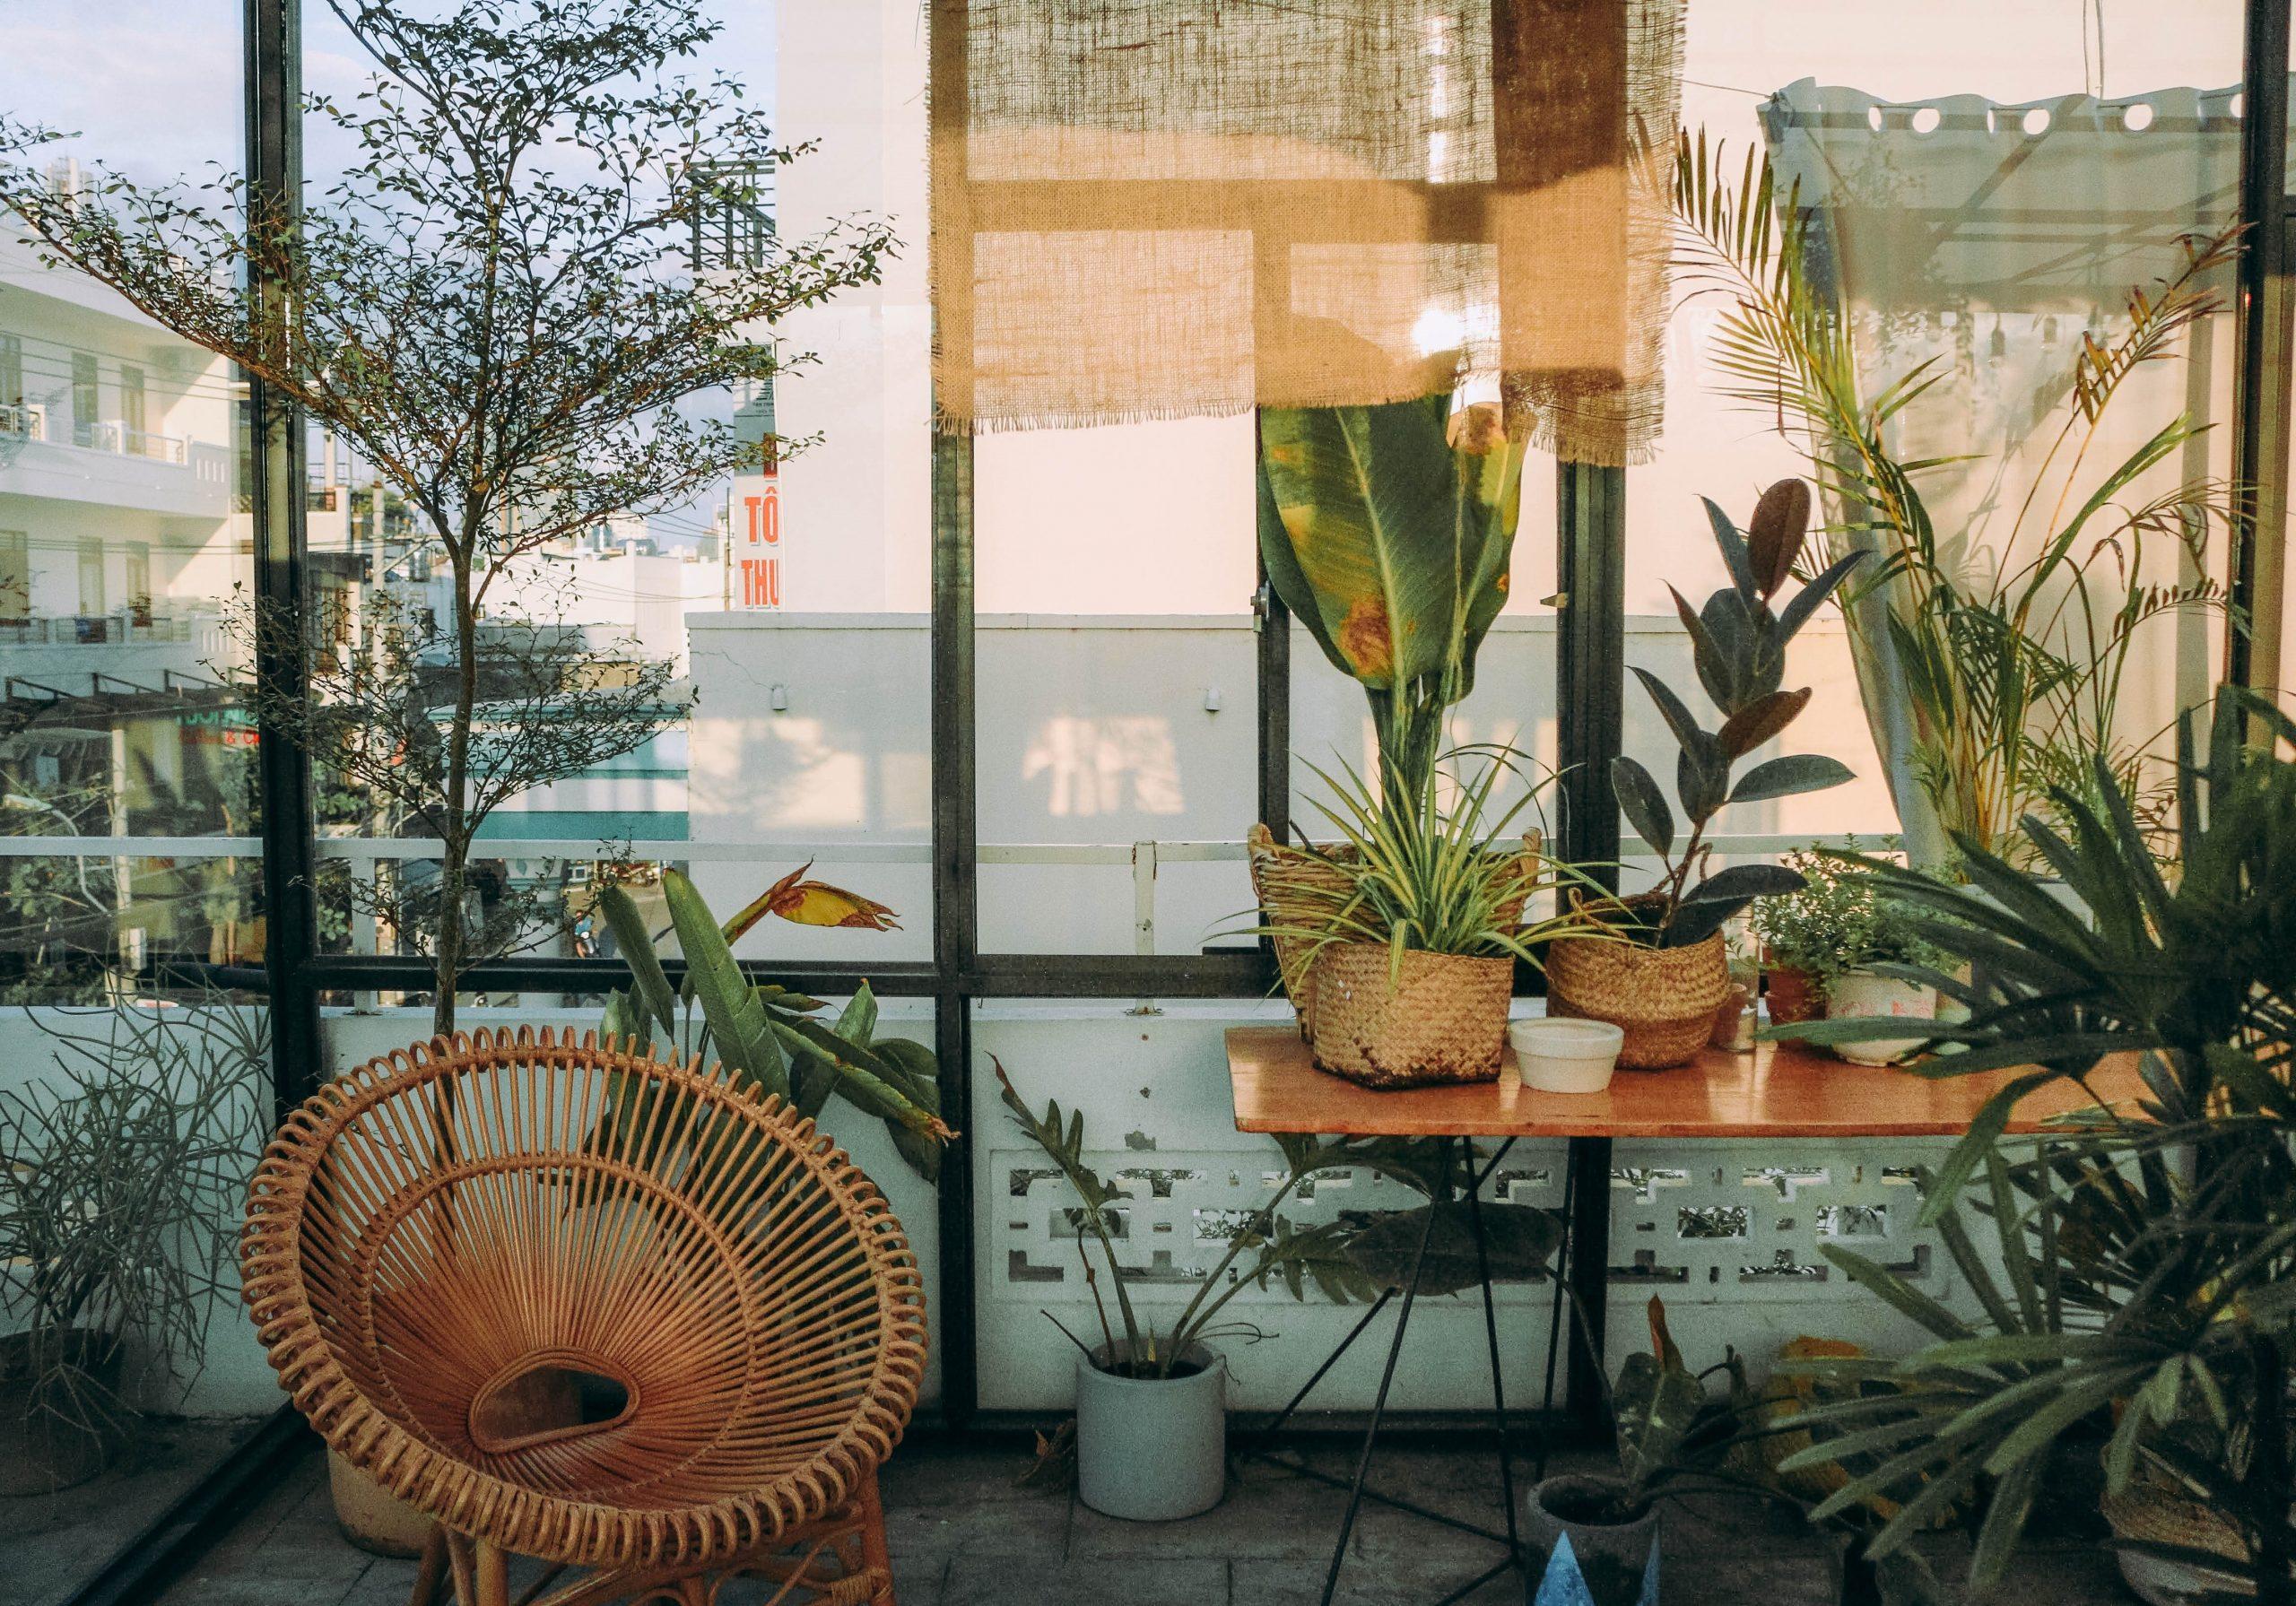 De toevoeging van planten in jouw interieur